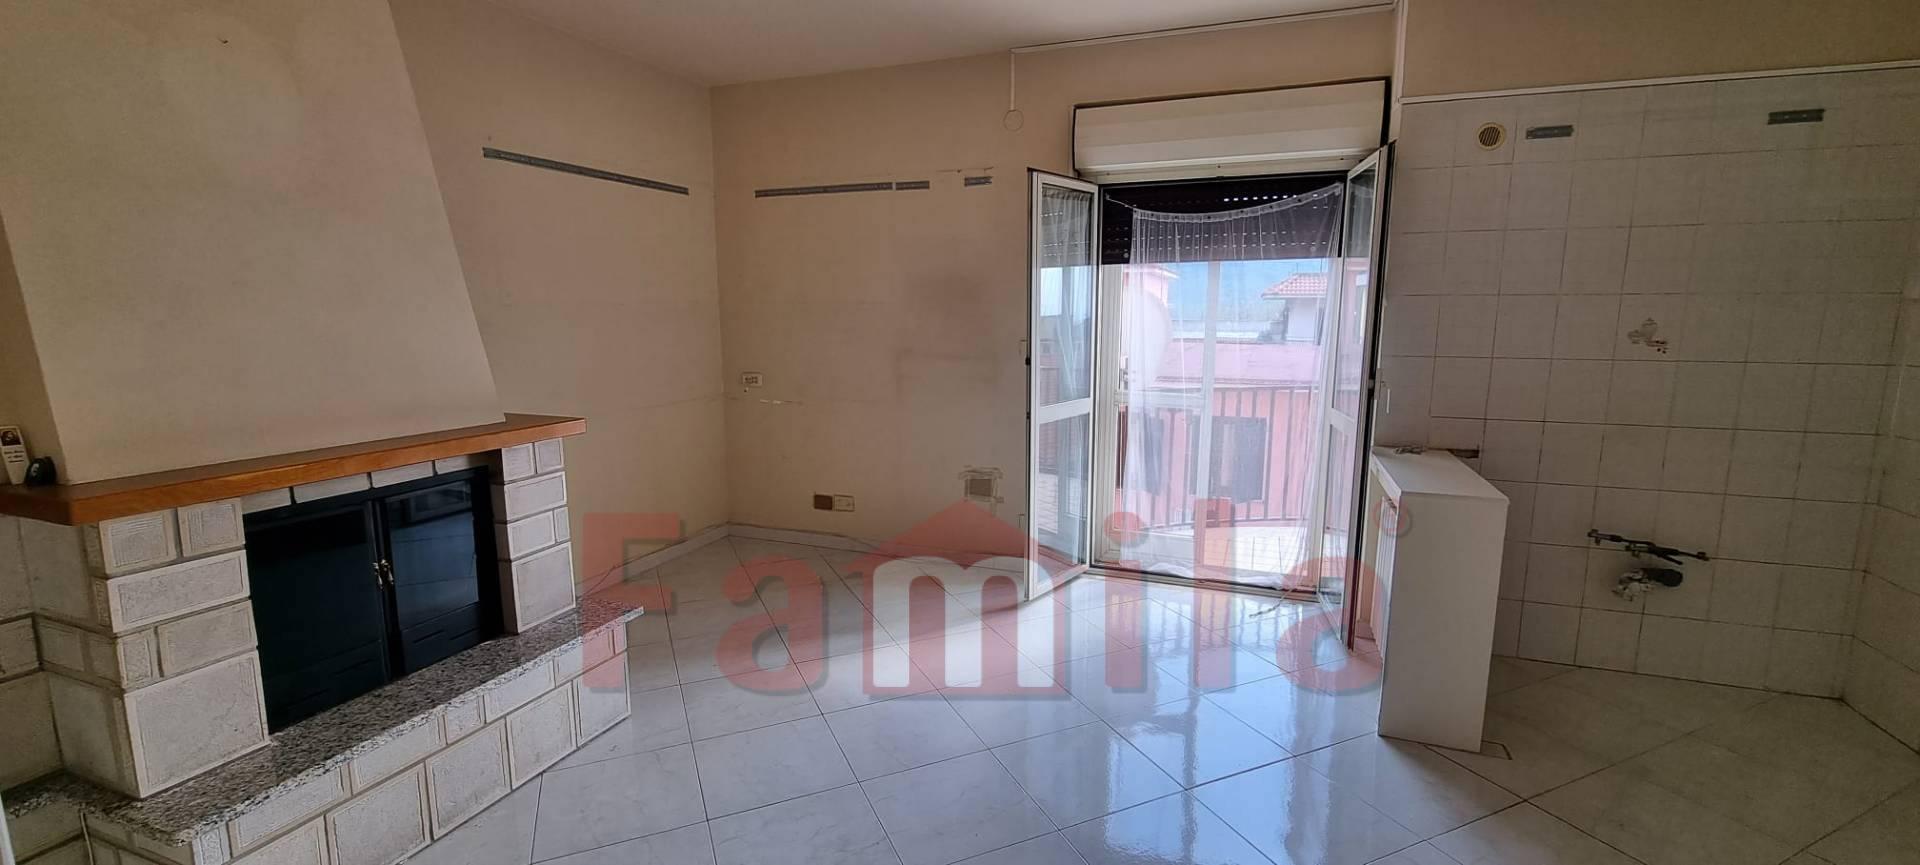 Appartamento in vendita a Sirignano, 4 locali, prezzo € 115.000   CambioCasa.it